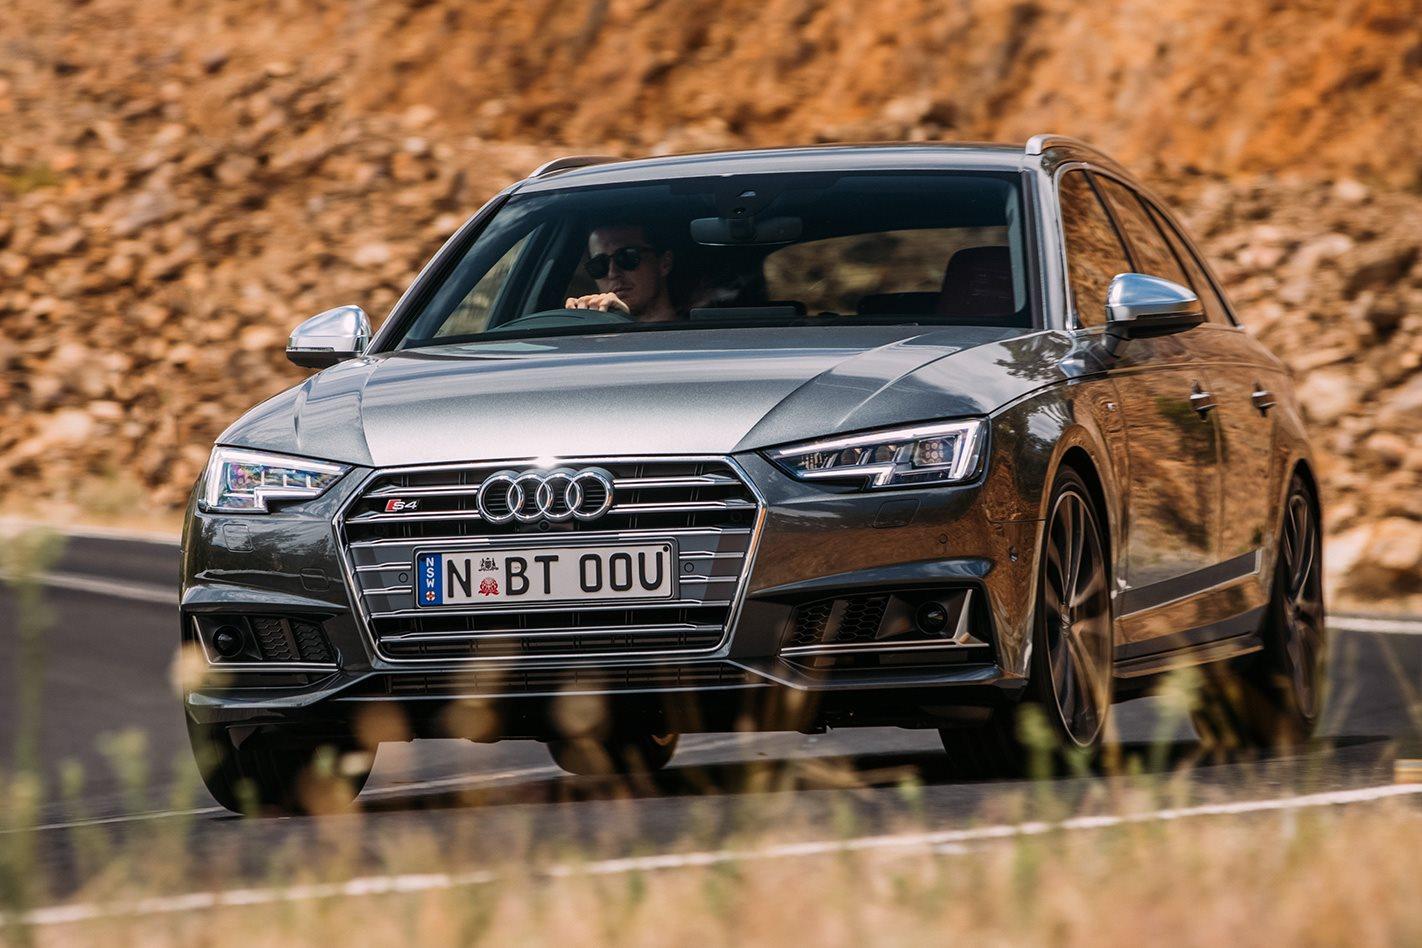 2017 Audi S4 Avant front